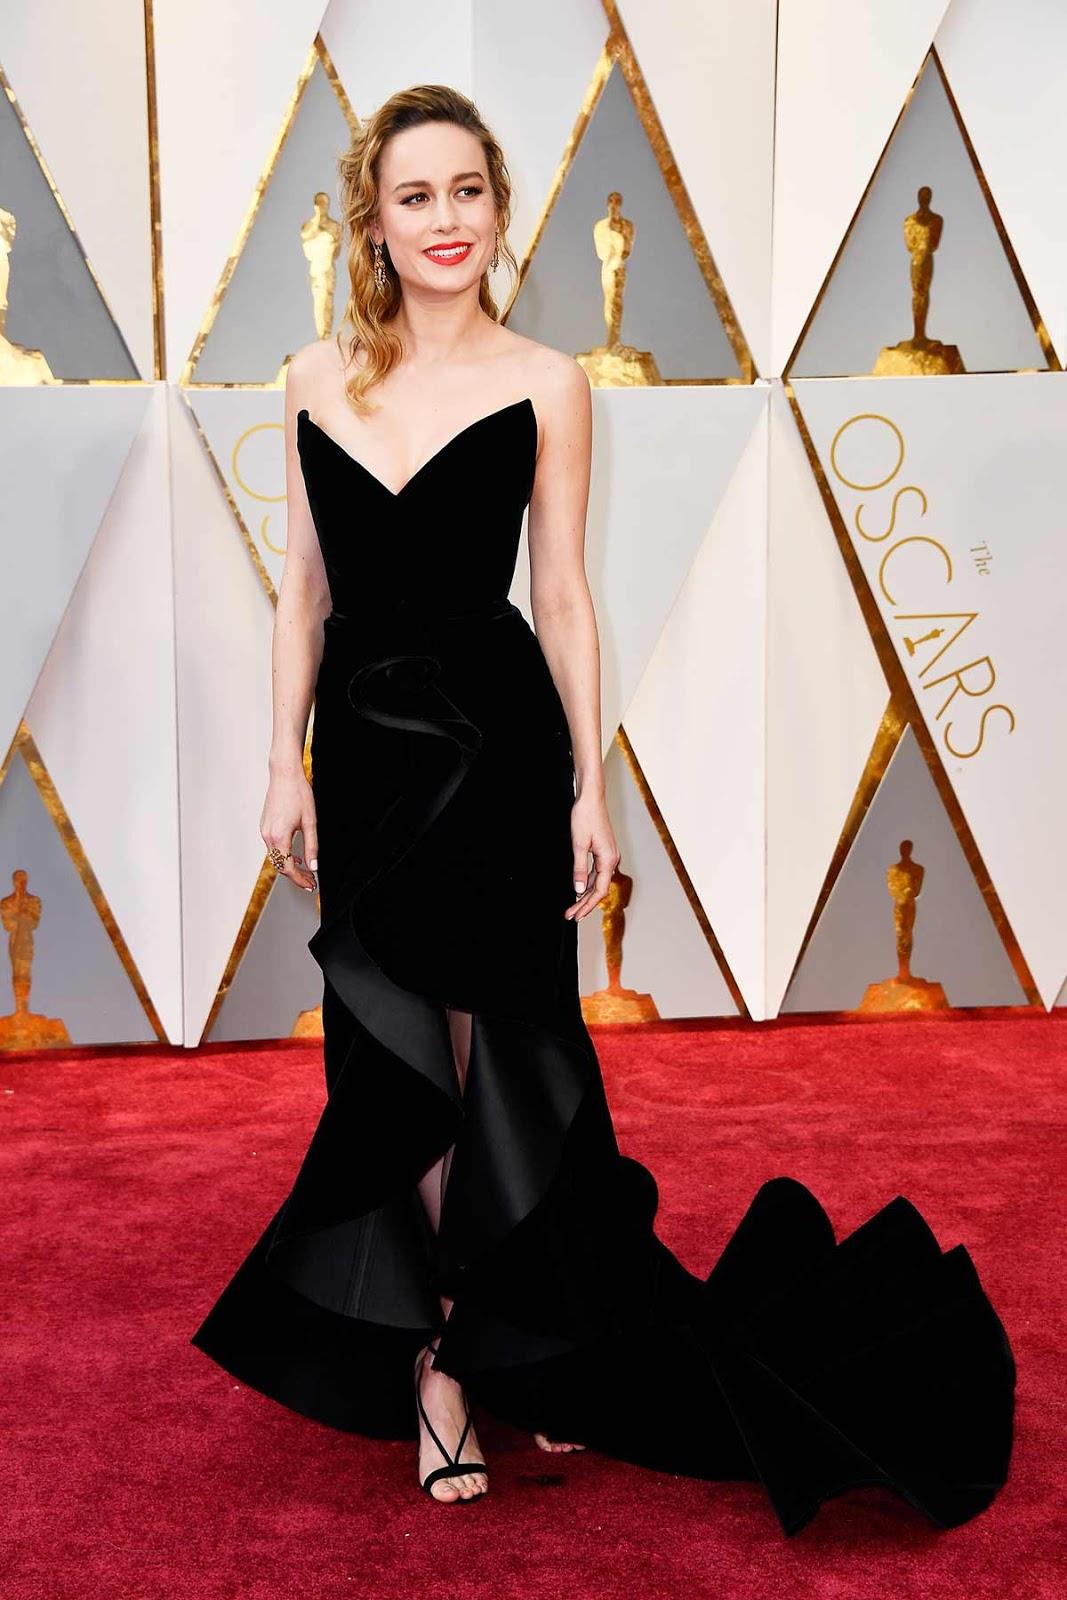 Peinados De Los Oscar 2017 - Nominados Oscar Oscars 2018 Premios cine